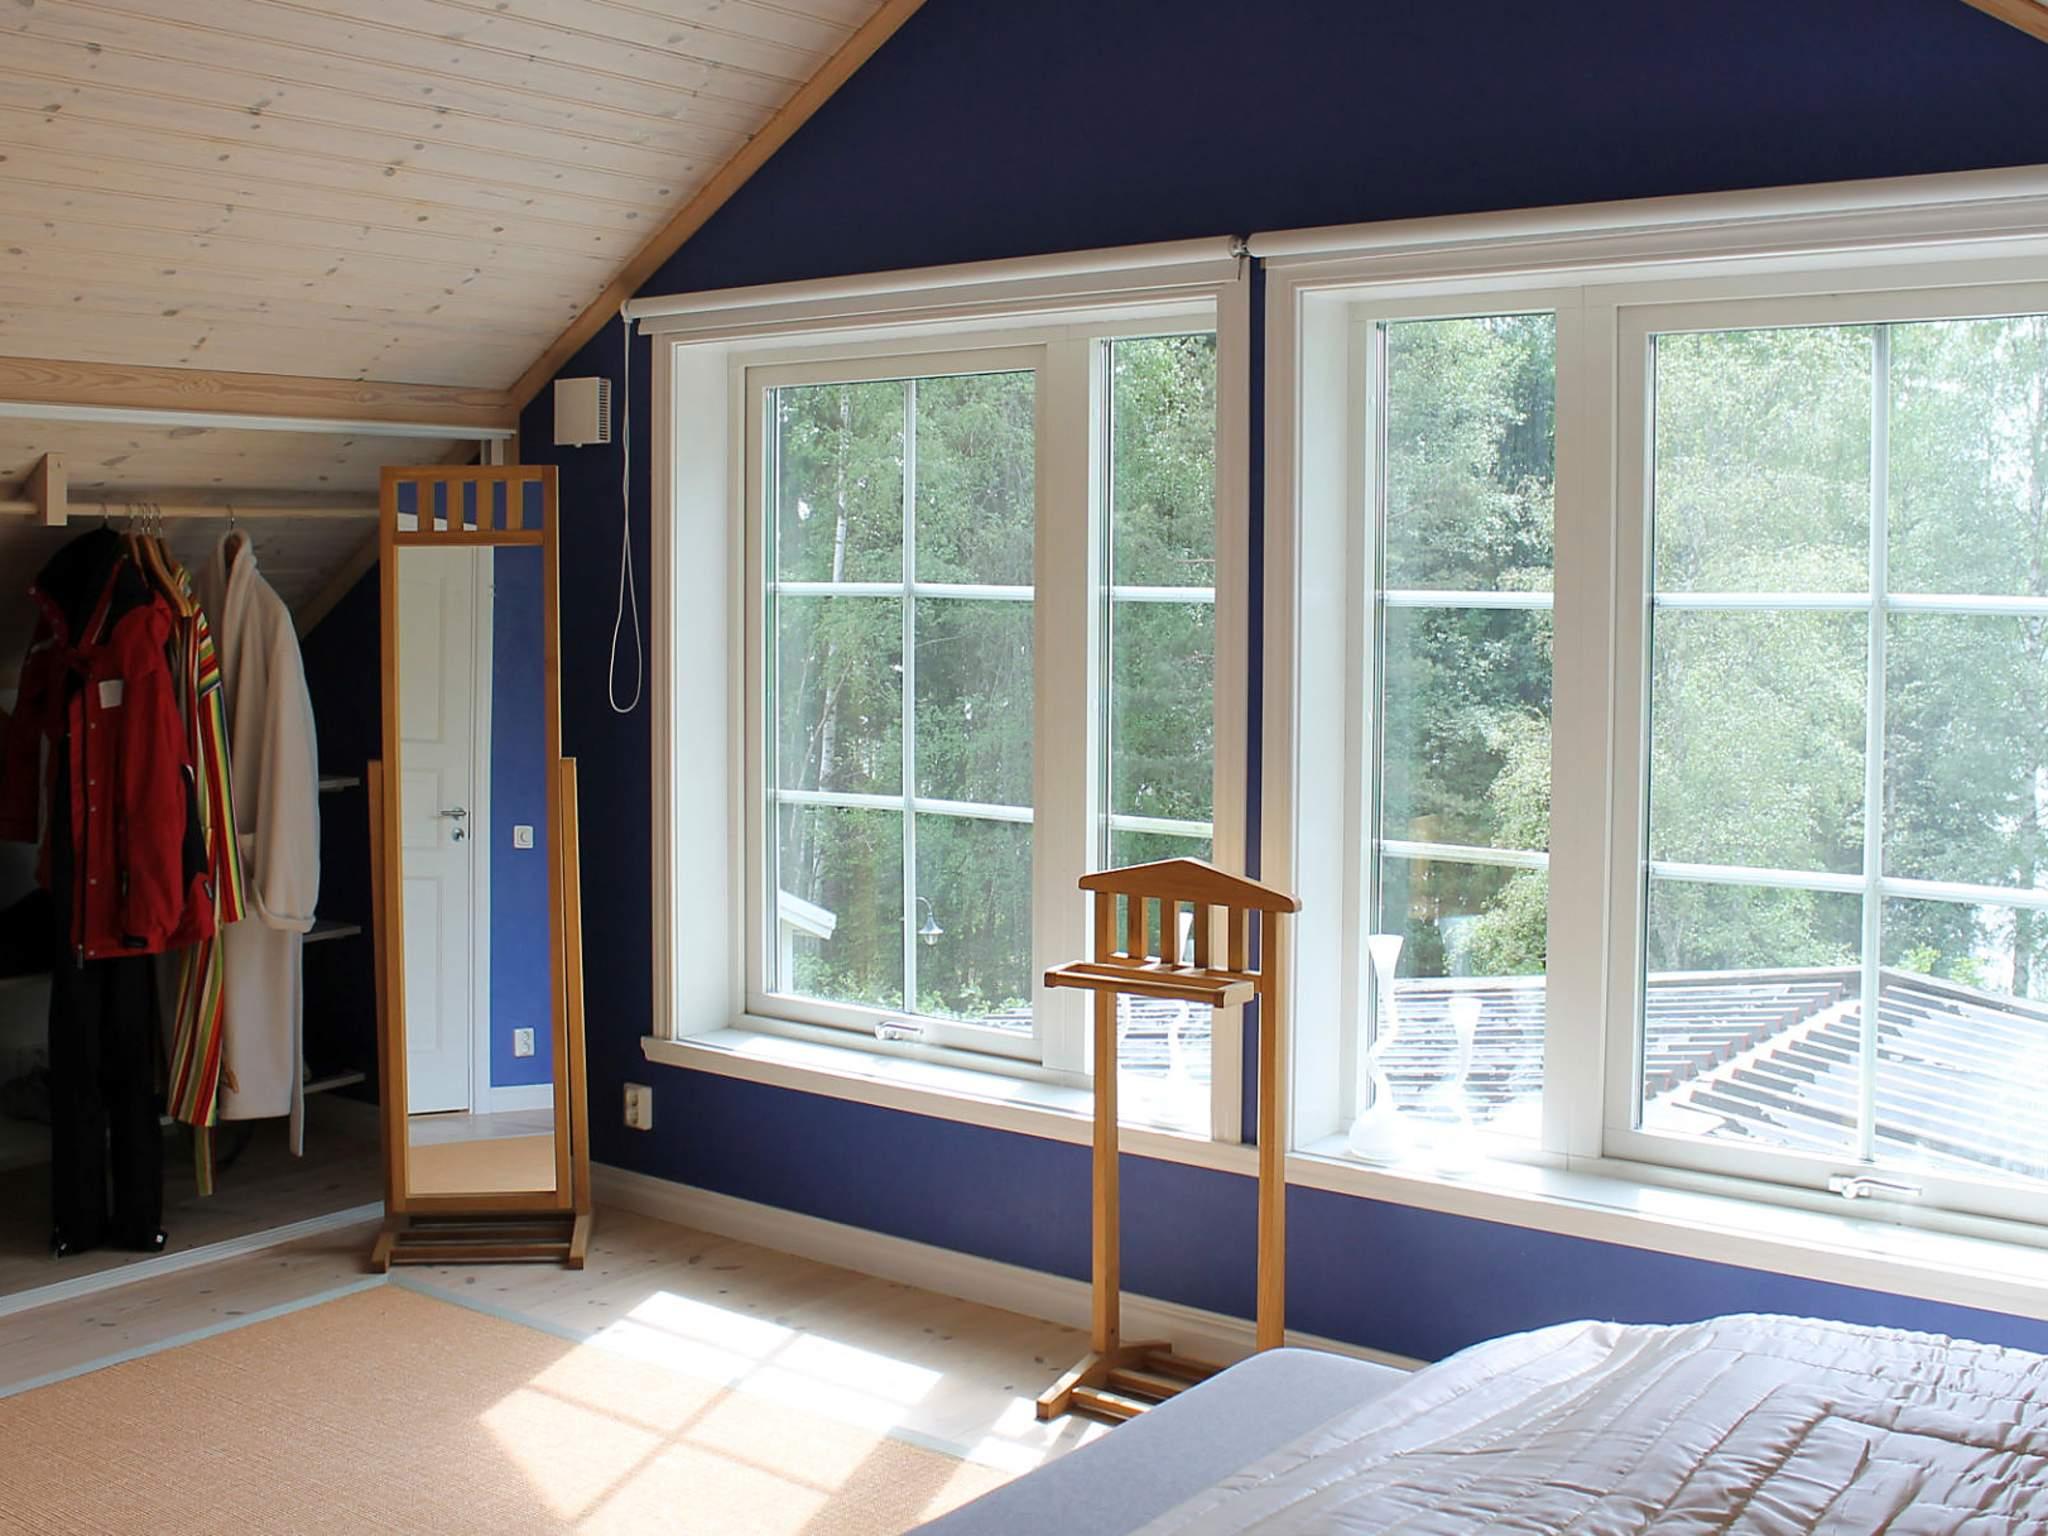 Ferienhaus Eksjö (642218), Hult, Jönköpings län, Südschweden, Schweden, Bild 14